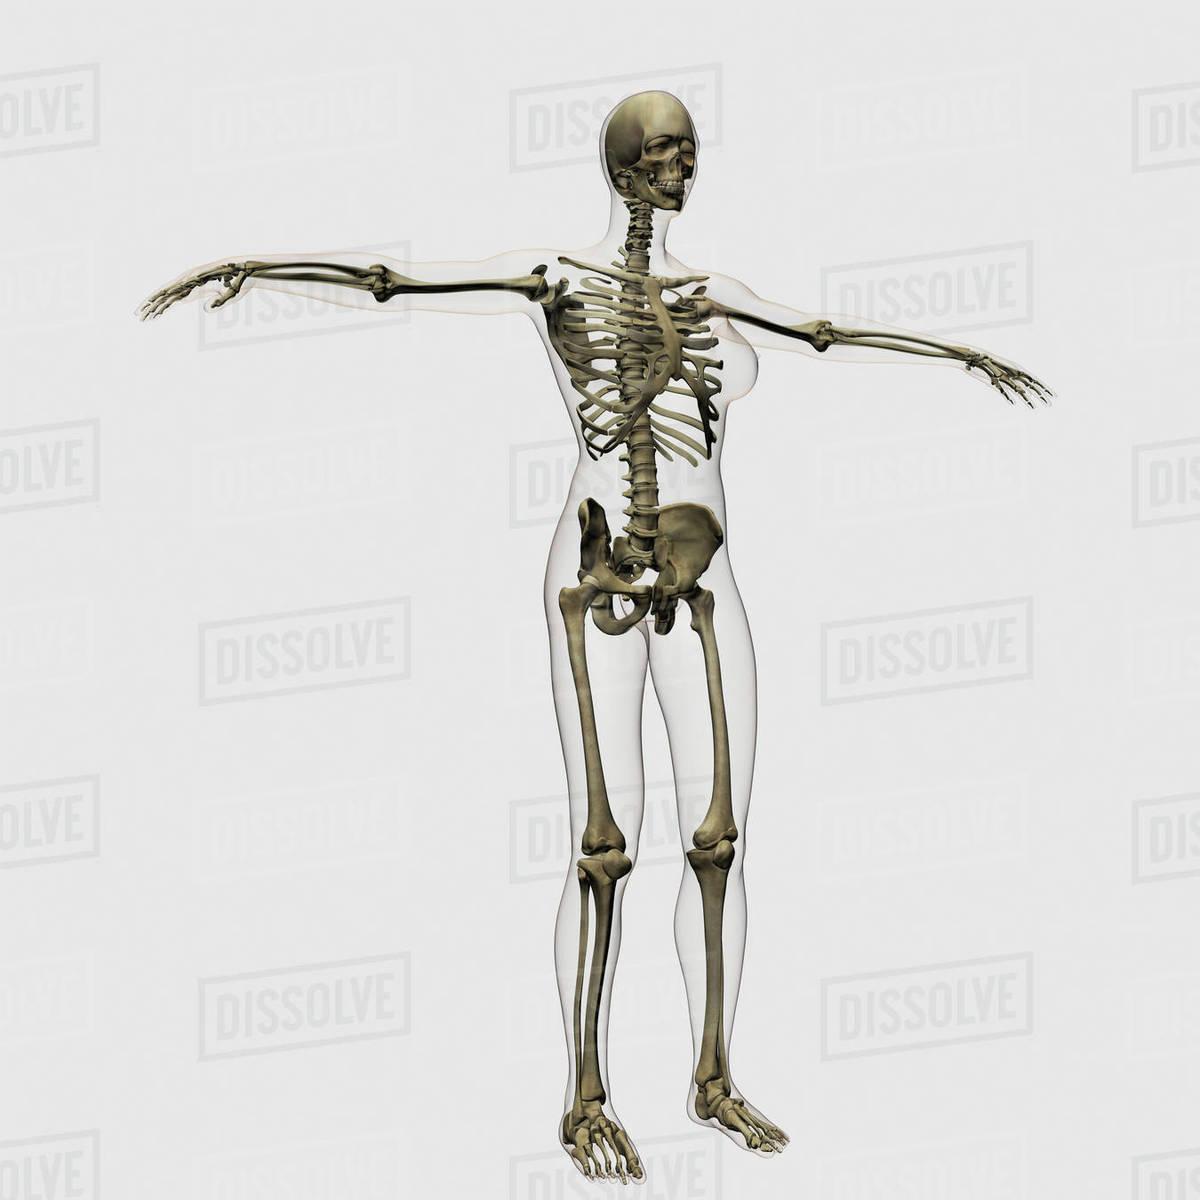 hight resolution of medical illustration of full female skeleton